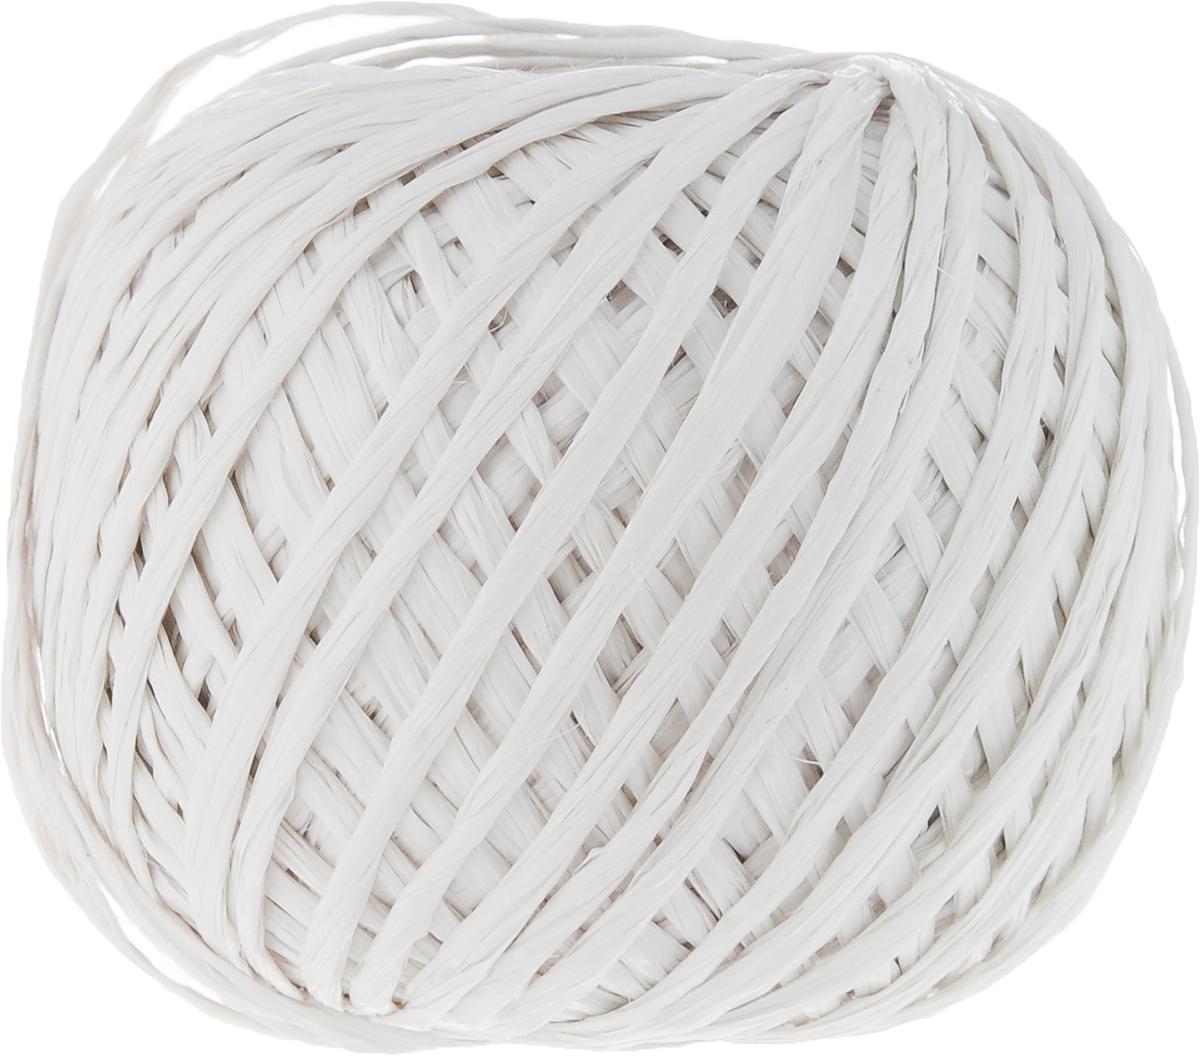 """Полипропиленовый шпагат """"Шнурком"""" плотностью 1000 текс входит в категорию веревочной продукции, сырьем для которой являются синтетические волокна, в частности полипропиленовая нить. Данный материал характеризуется высокой прочностью и стойкостью к износу. Кроме того, он эластичен, гибок, не боится многократных изгибов, плотно облегает изделие при обвязке и легко завязывается в крепкие узлы.  Относительная удельная плотность полипропиленовых шпагатов варьируется от 0,70 до 0,91 кг/м3.  Температура плавления от 150 до 170°C (в зависимости от вида и модели шпагата).  Удлинение под предельной нагрузкой (18-20%). Длина шпагата: 100 м.  Толщина нити: 2 мм.  Линейная плотность шпагата: 1000 текс."""